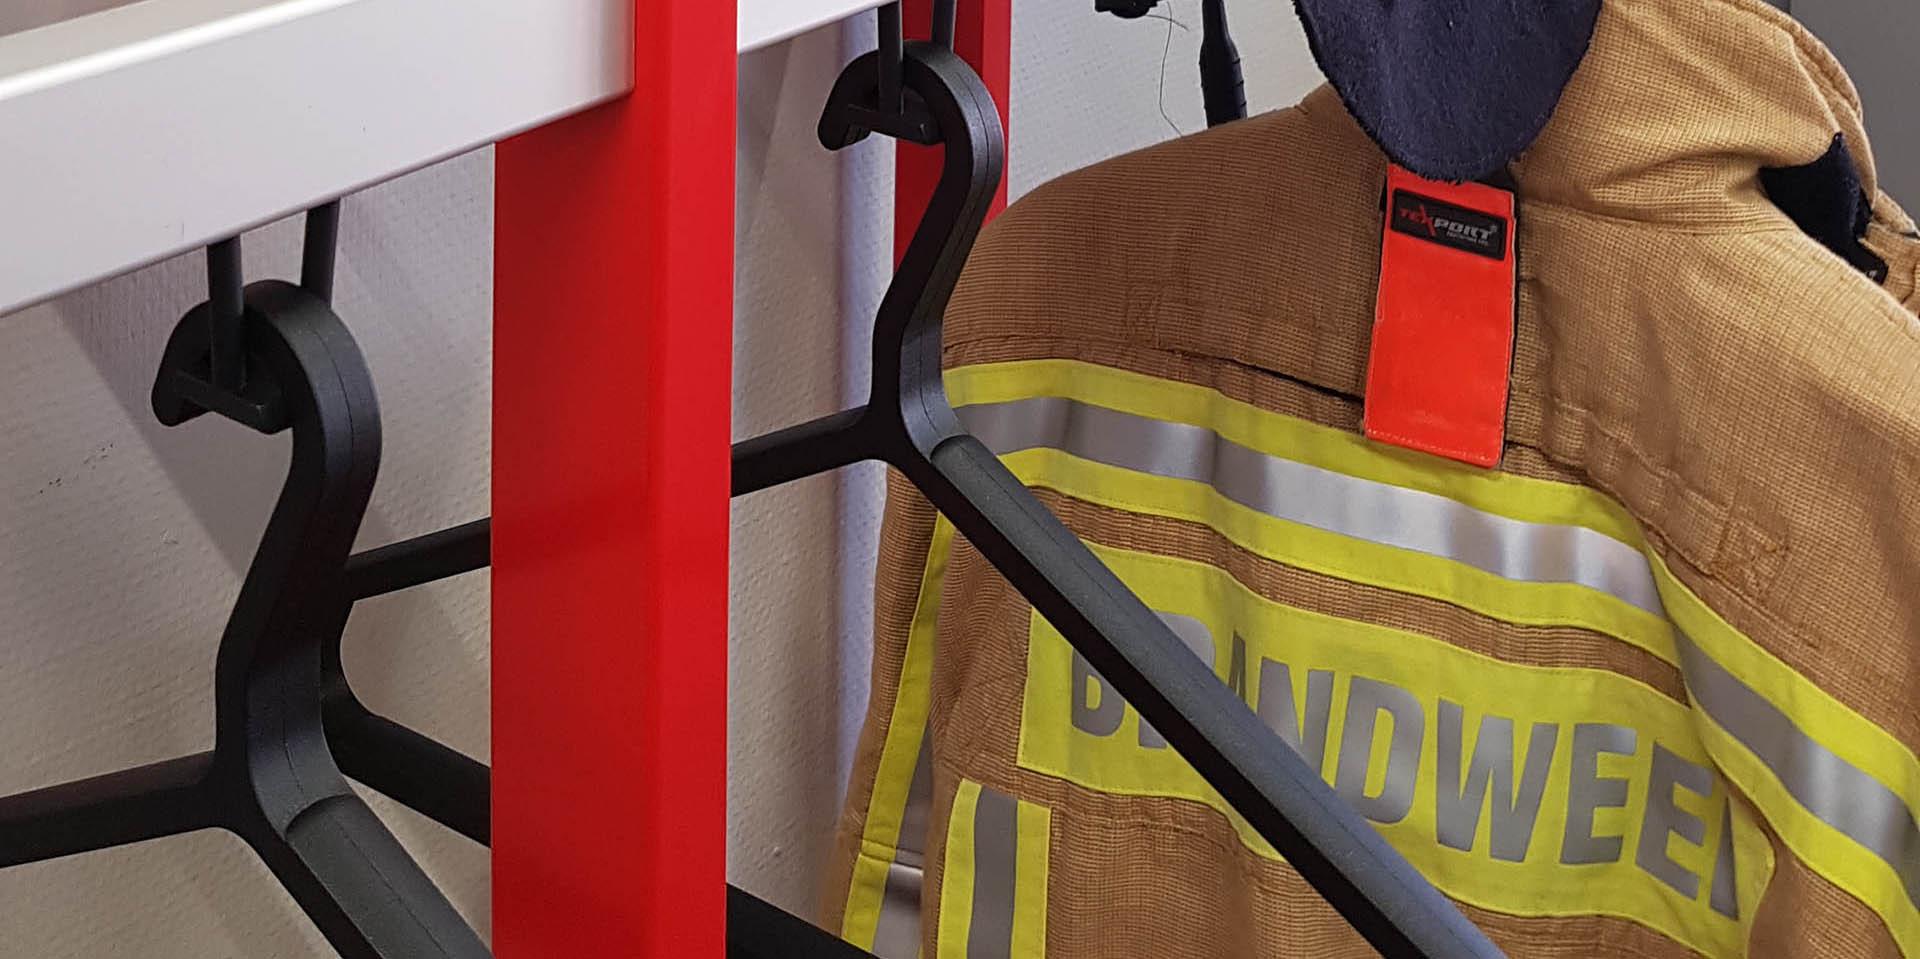 Brandweer Zone Antwerpen – Deurne